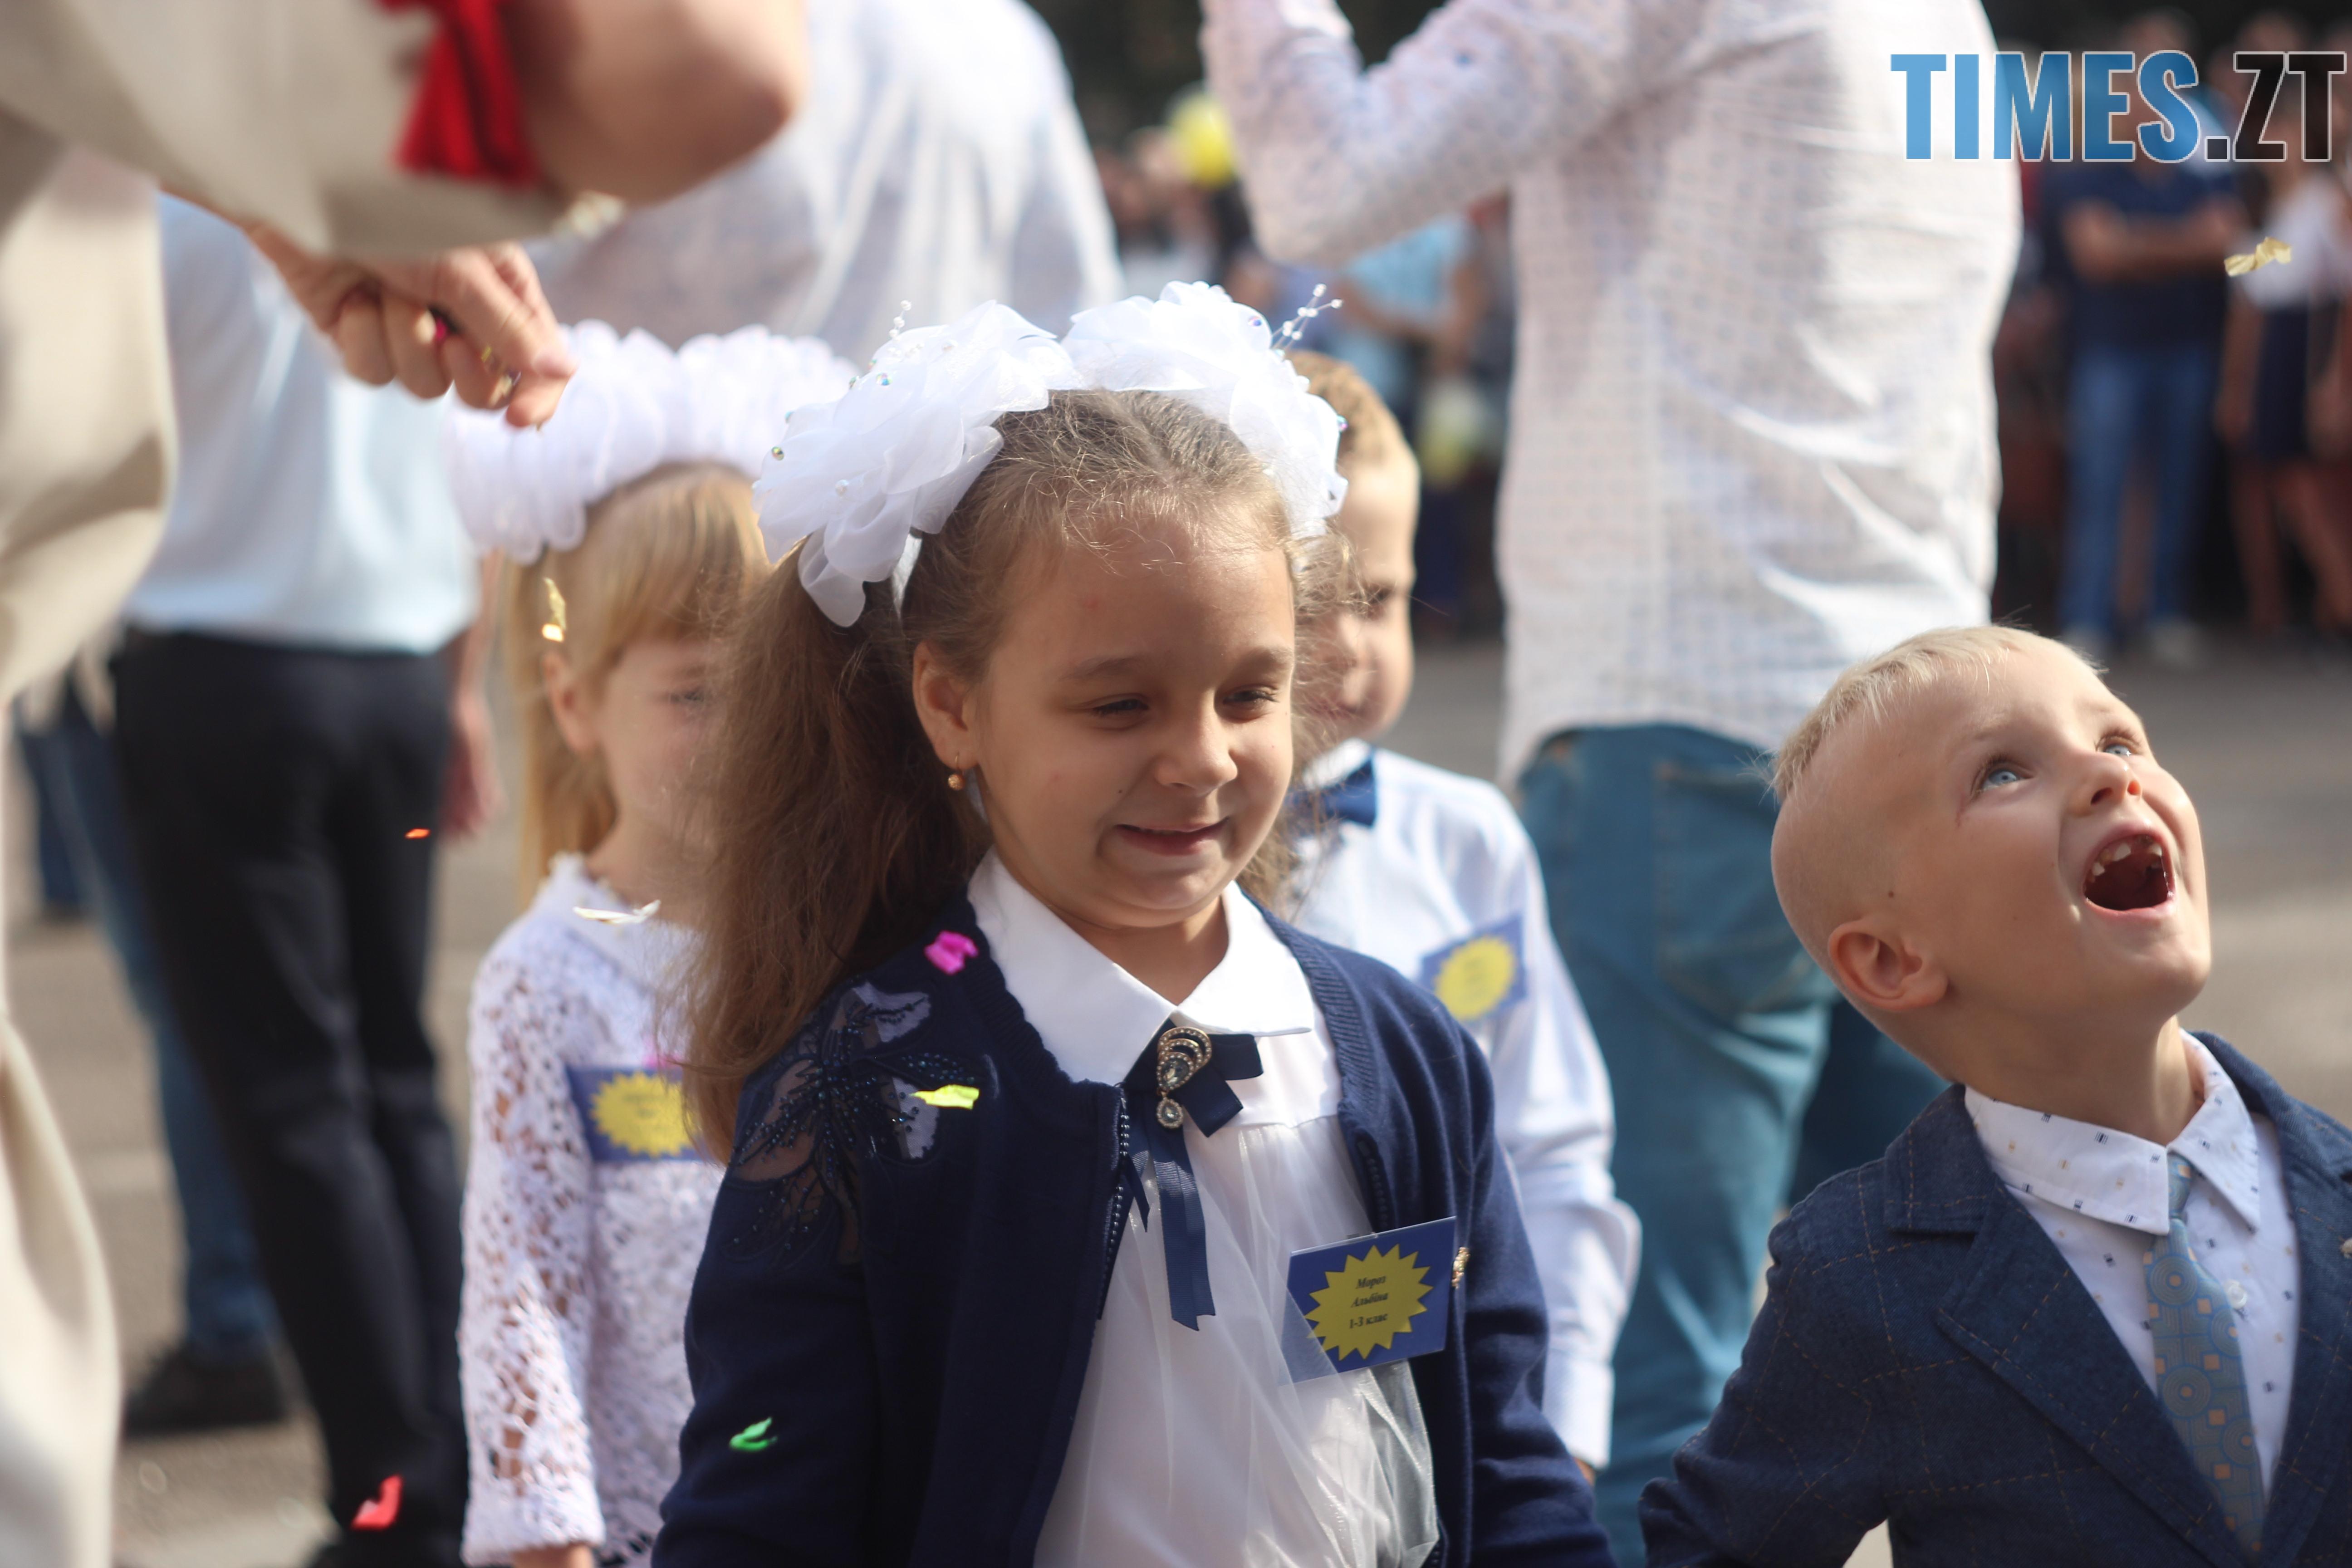 IMG 8848 - Майже 4 тисячі житомирських першокласників навчатимуться за системою Нової української школи (ФОТОРЕПОРТАЖ)